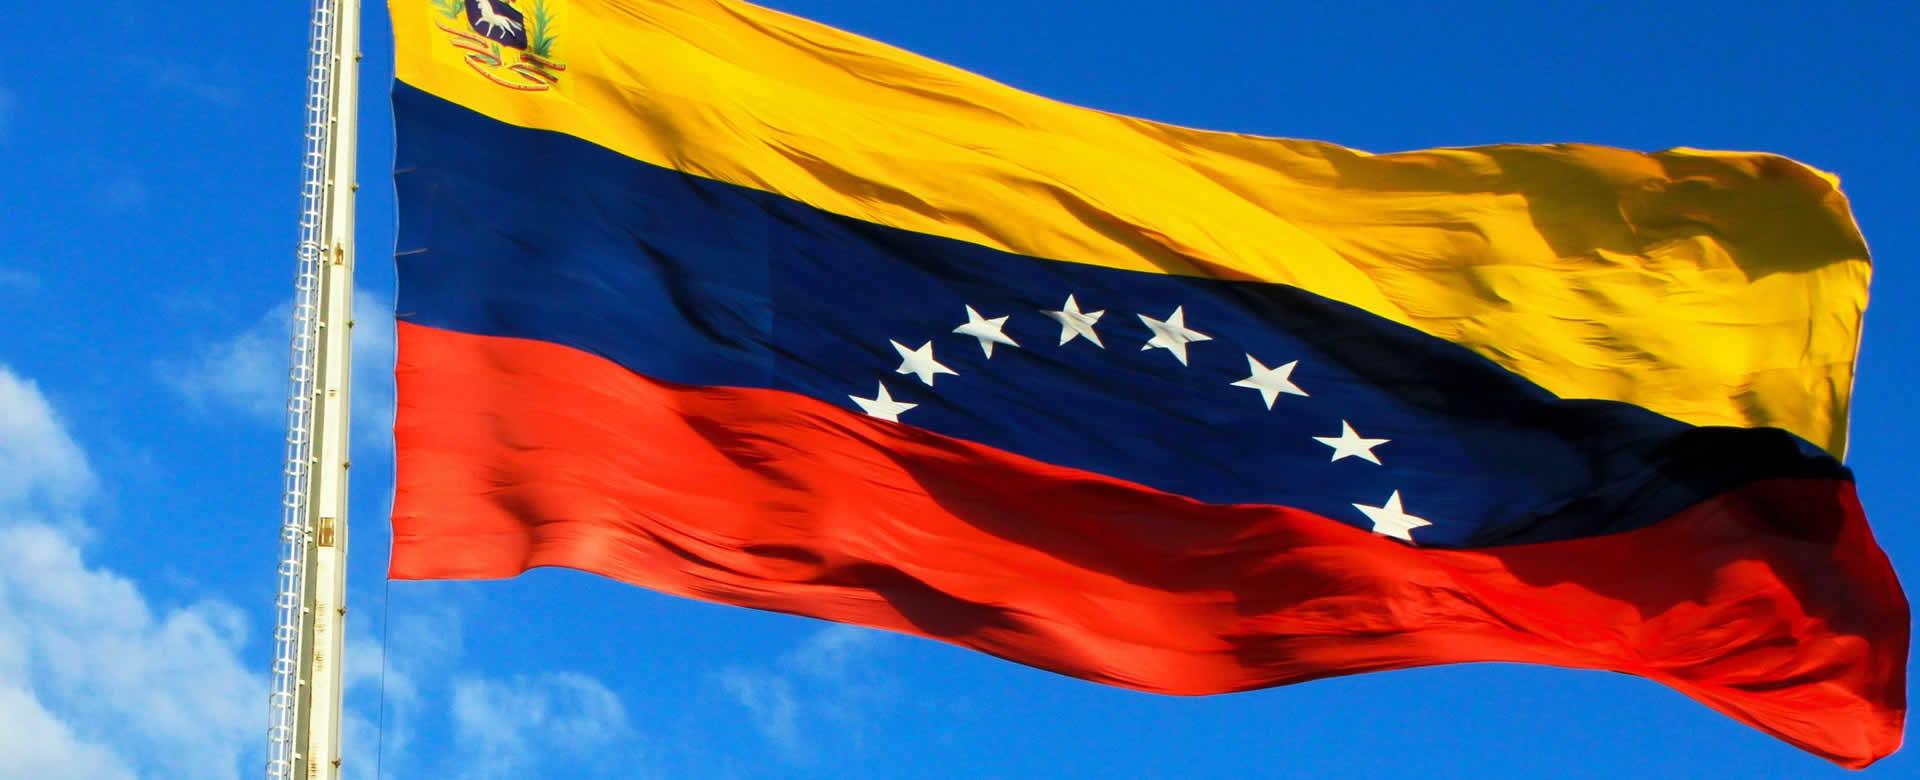 Nicaragüenses que quieran viajar como turistas a Venezuela ya no necesitarán Visa